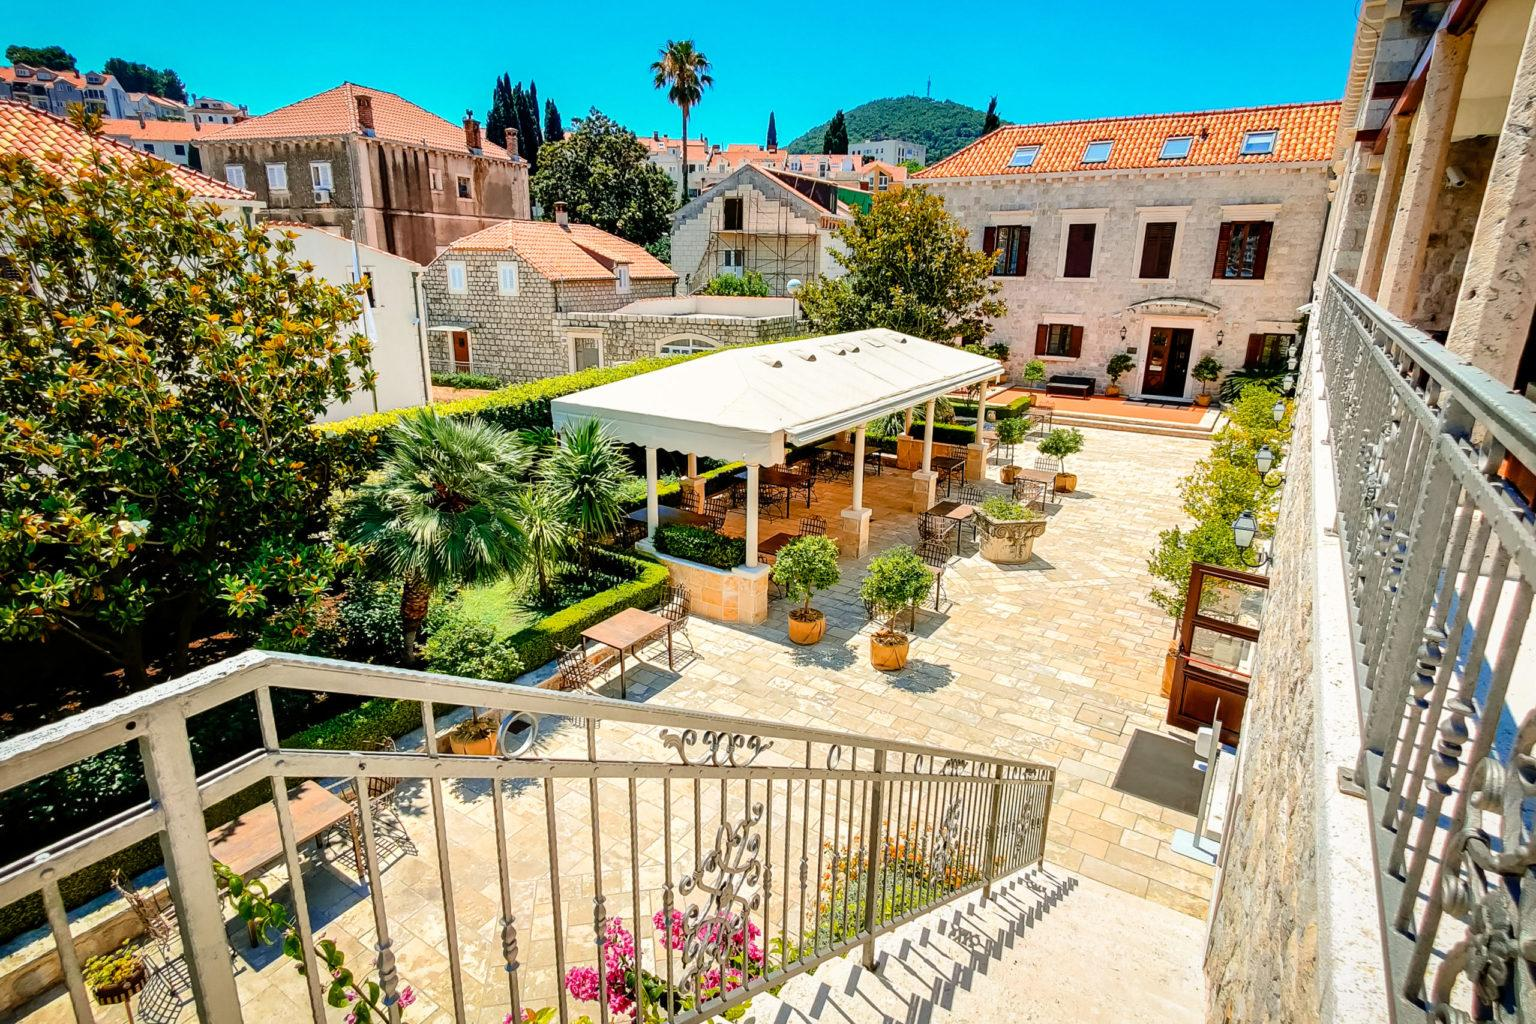 hochzeitslocation Kroatien location hochzeit heiraten 7 1 scaled - Verträumtes Hotel